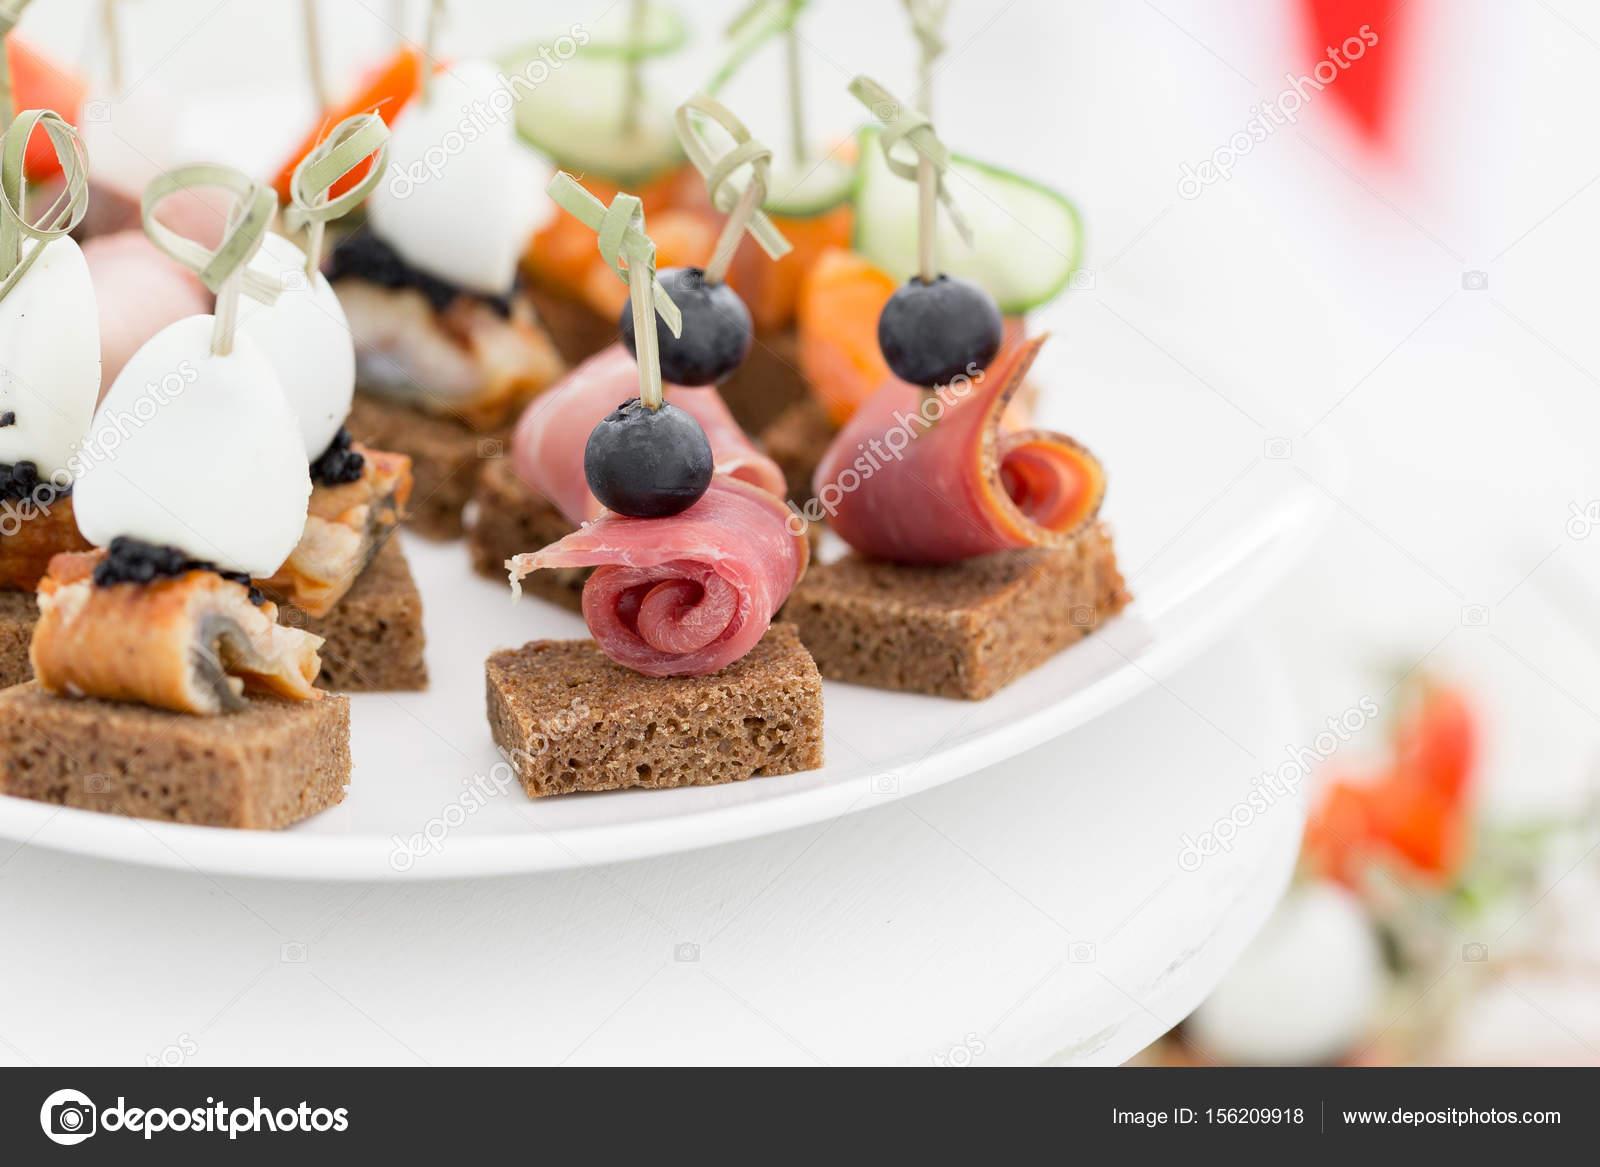 śniadanie W Formie Bufetu W Recepcji Asortyment Kanapki Usługi